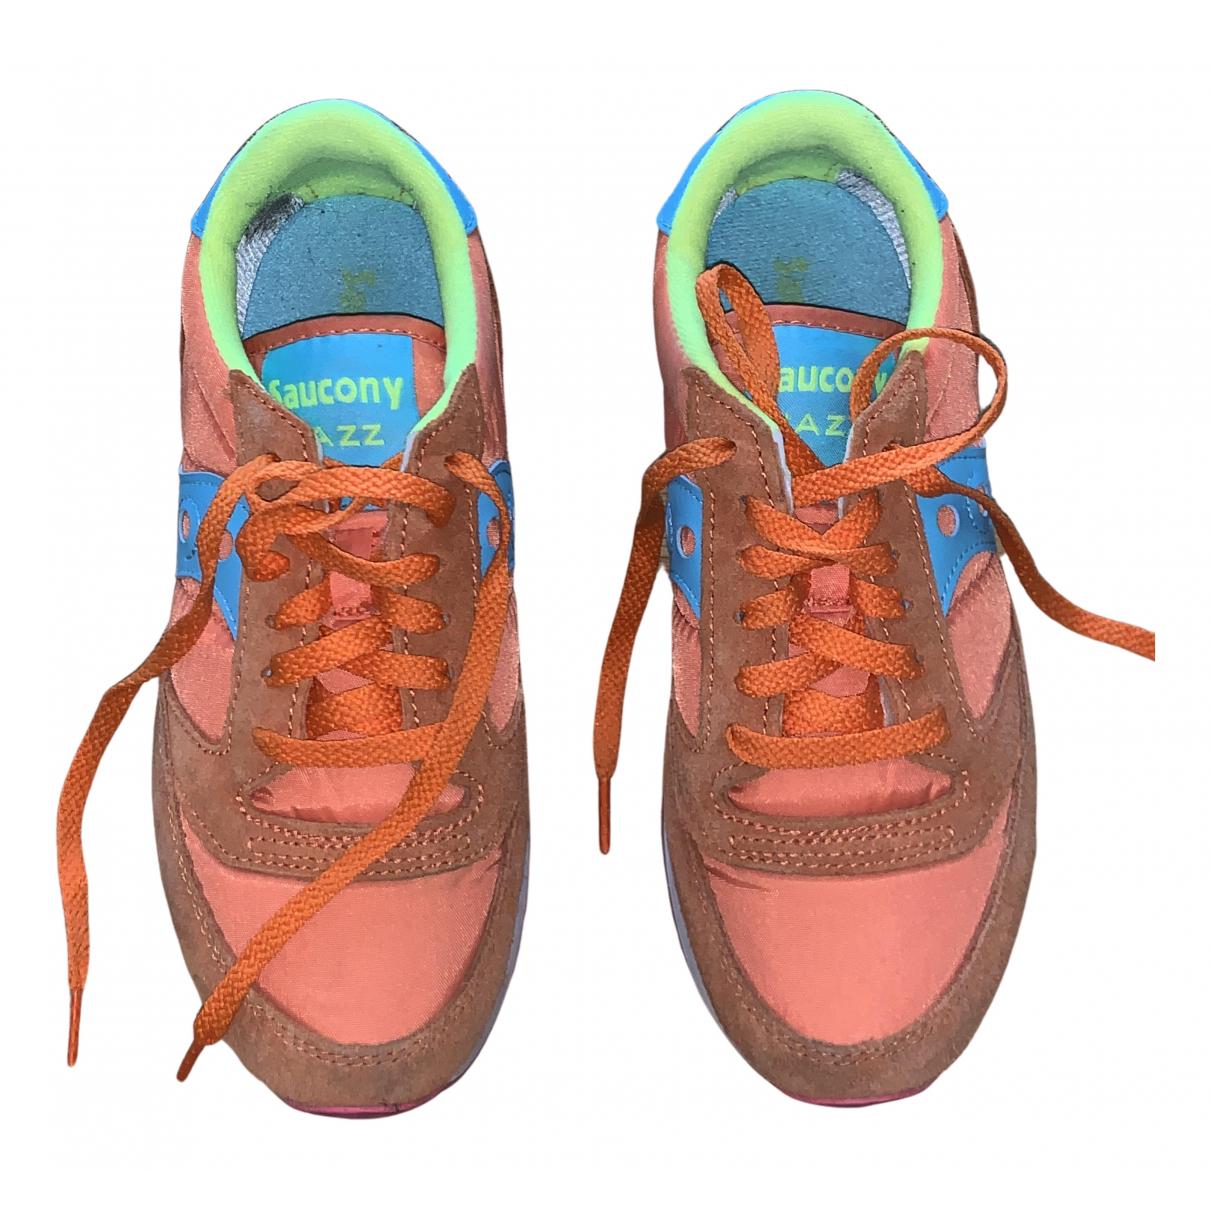 Saucony - Baskets   pour femme en toile - orange